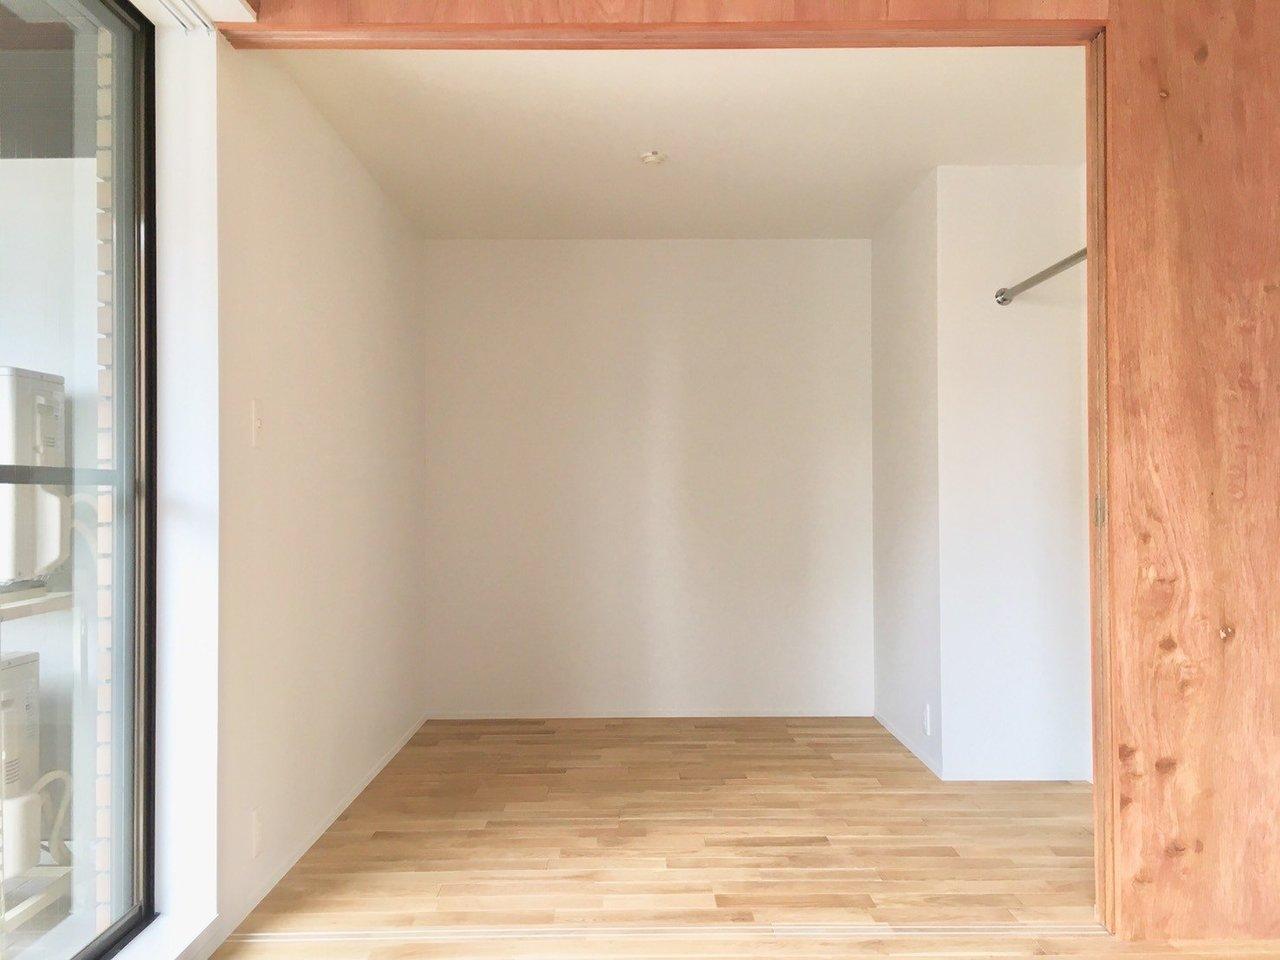 リビングからつながっている洋室は、これまた同じむき出しの木材のスライドドアで仕切られています。閉めていれば、大きな木の箱みたいで面白い!洋服をかけられるようにもなっています。